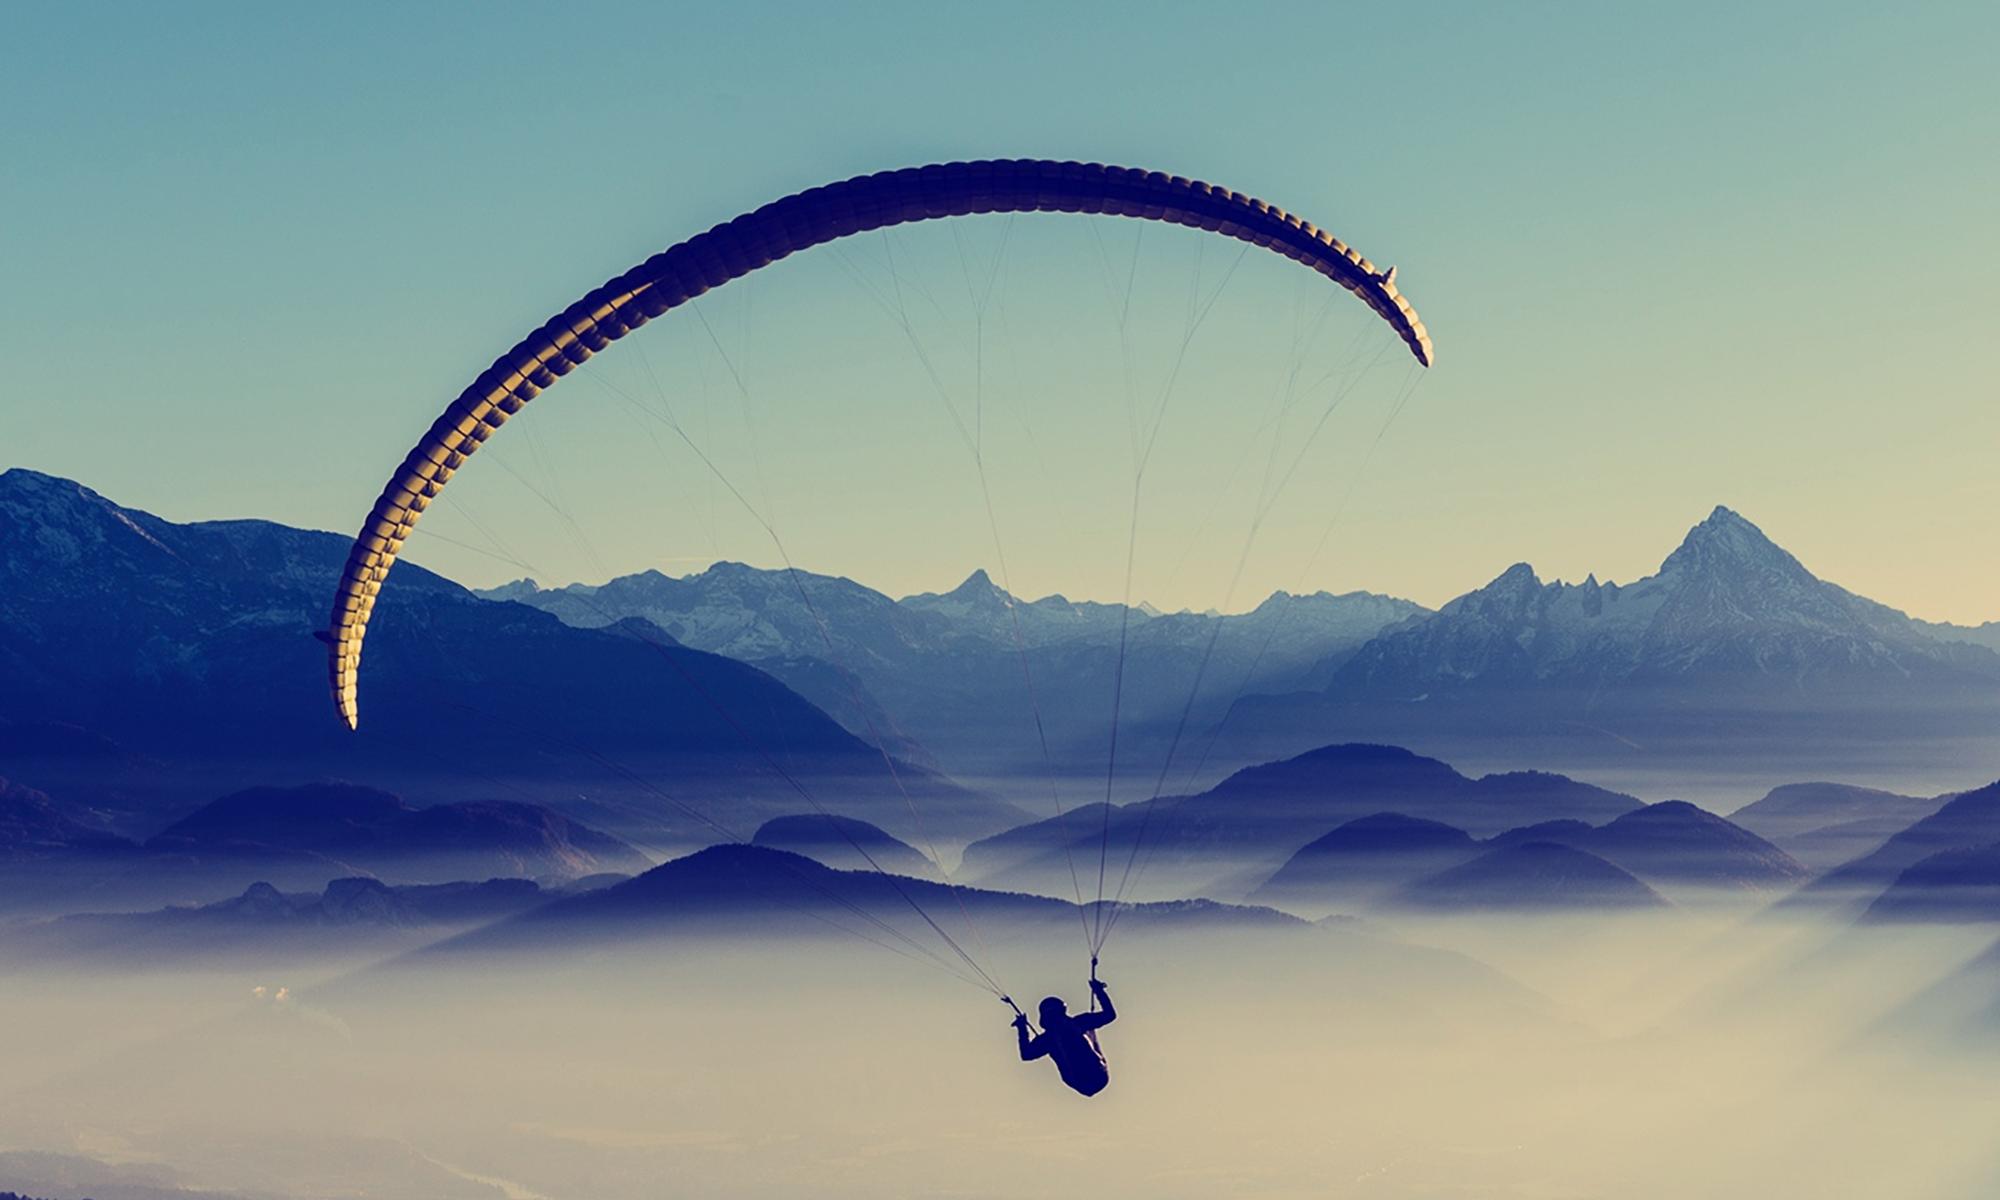 Paragliding Full Hd